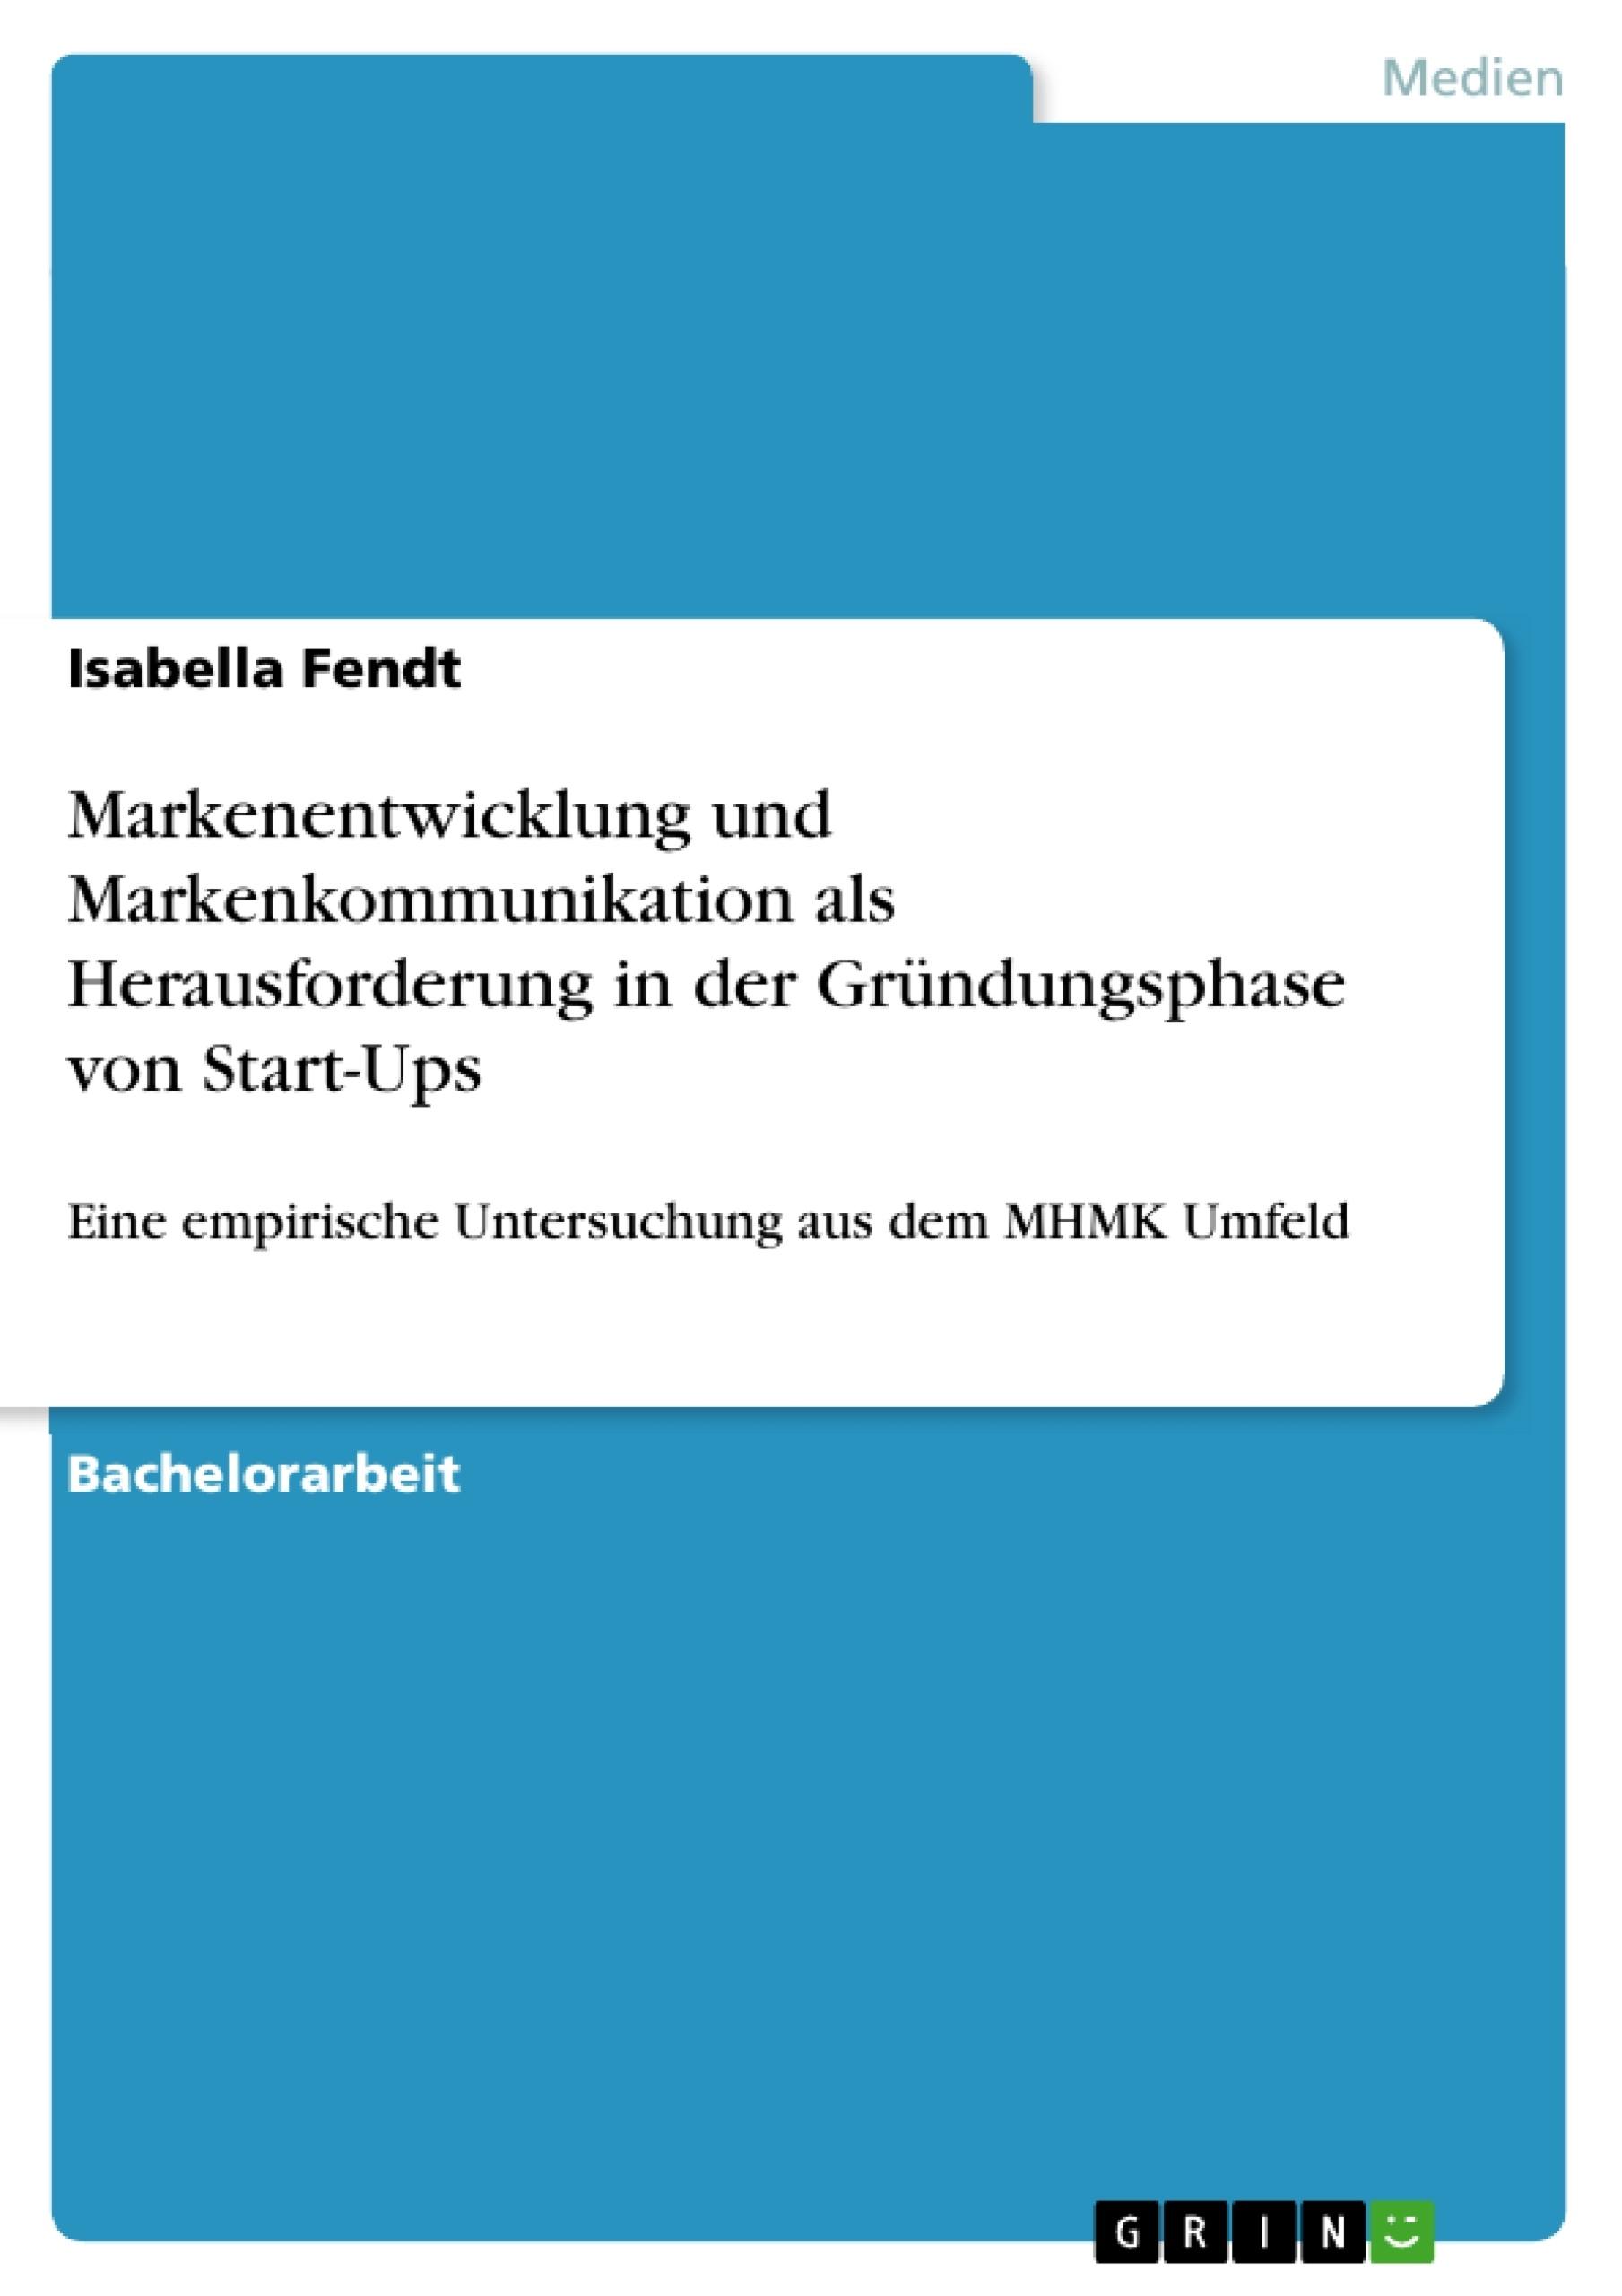 Titel: Markenentwicklung und Markenkommunikation als Herausforderung in der Gründungsphase von Start-Ups